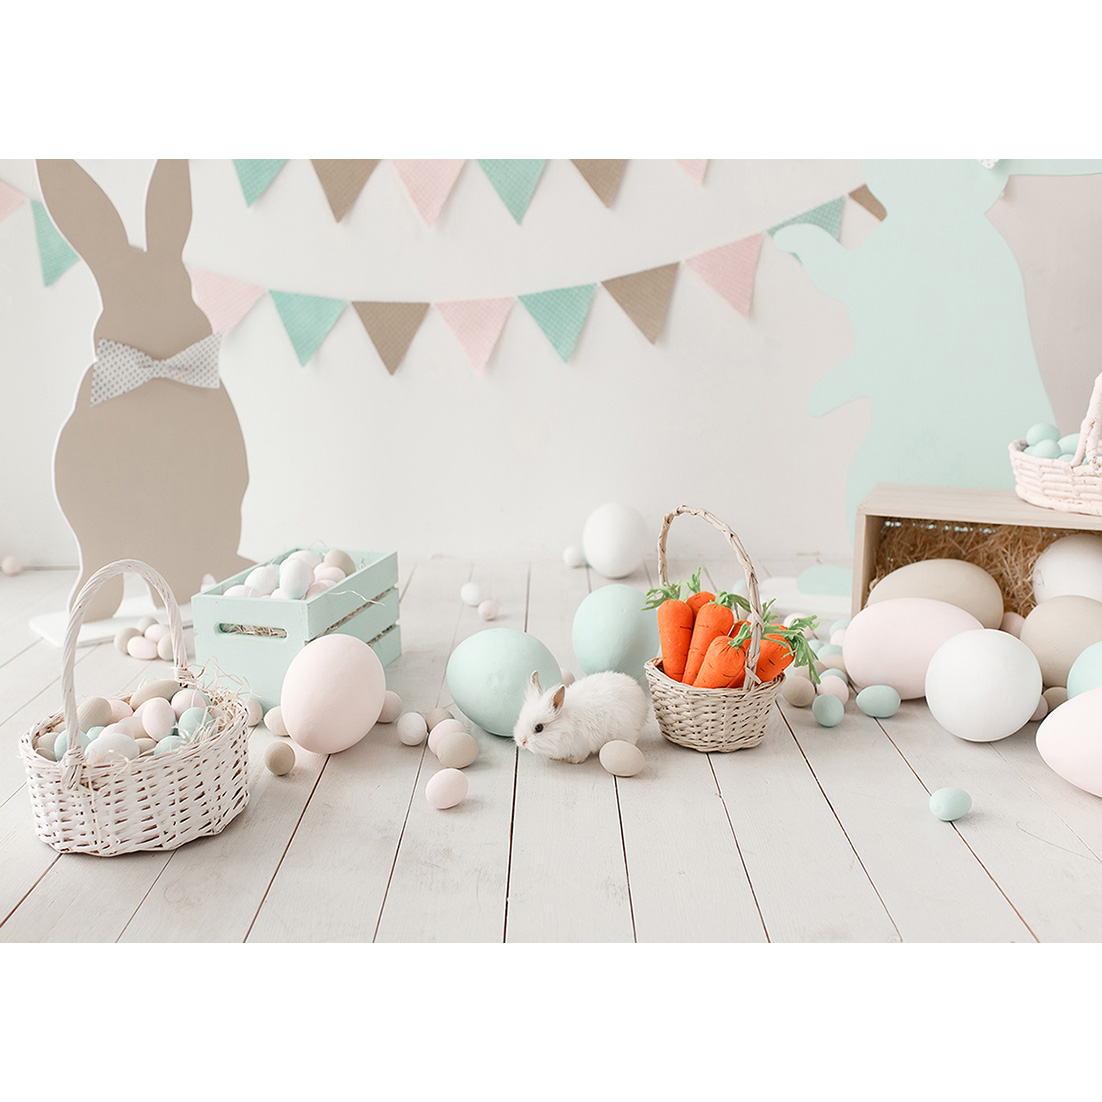 Foto backdrops ovos de páscoa coelho cesta pennant fundo personalizado para o bebê crianças festa da família photophone fotografia adereços